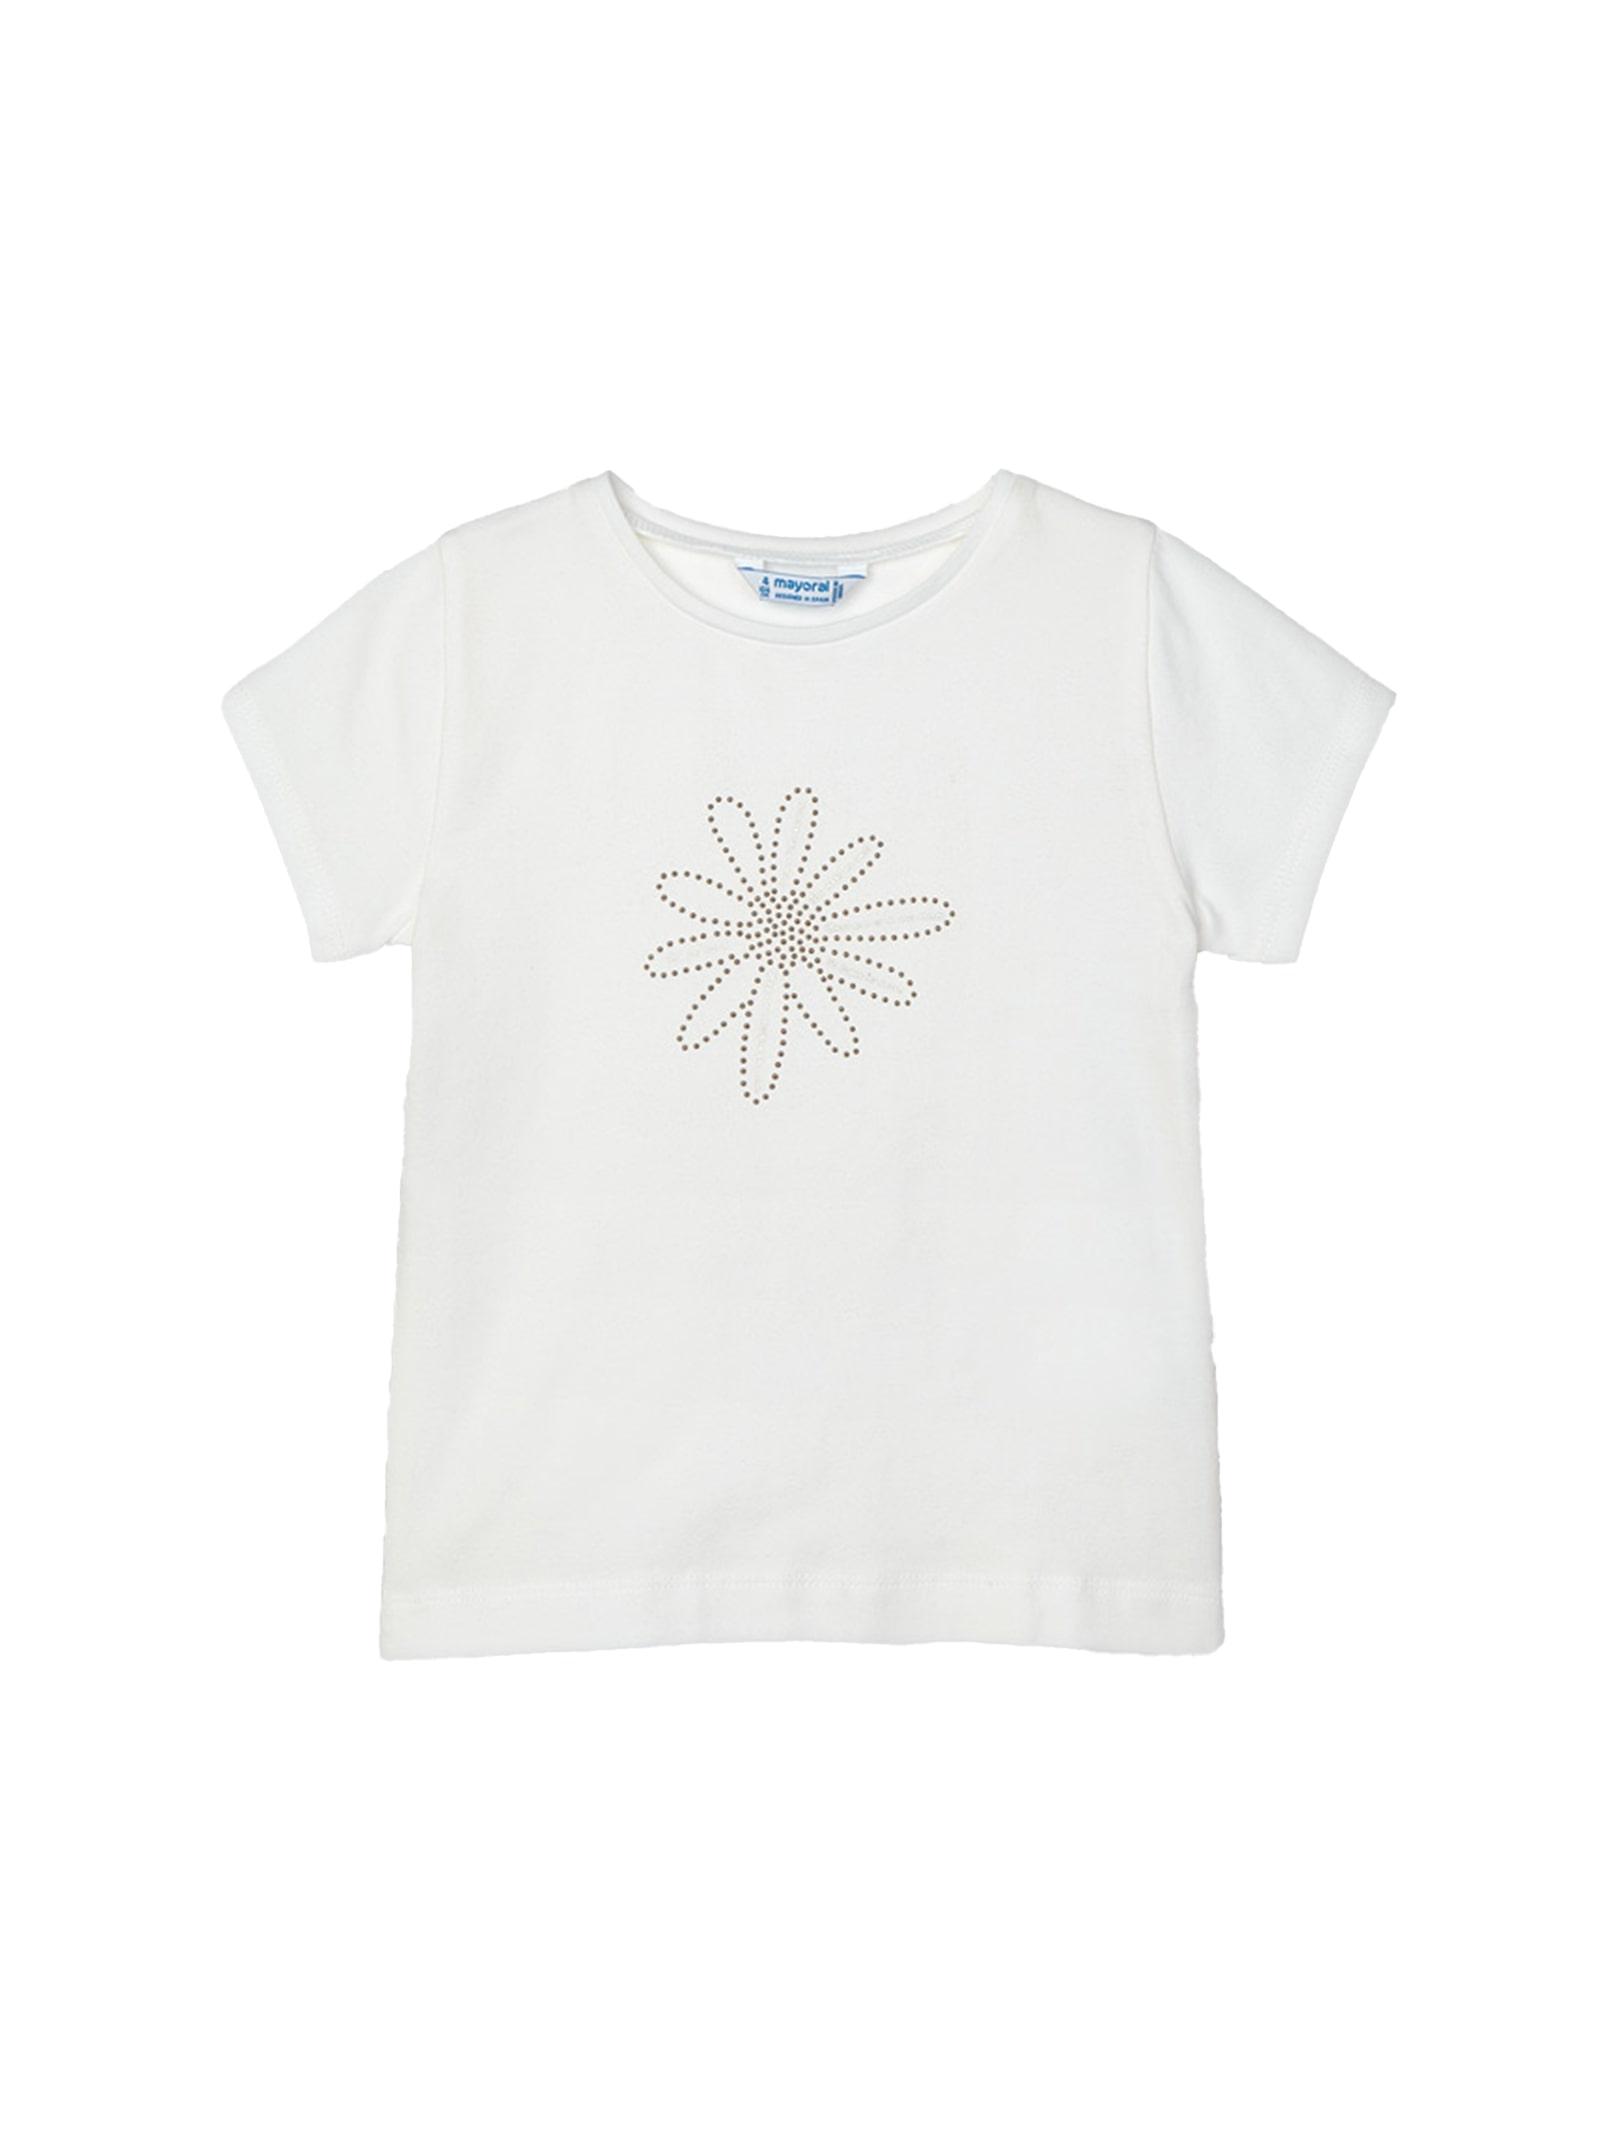 MAYORAL | Shirts | 174011